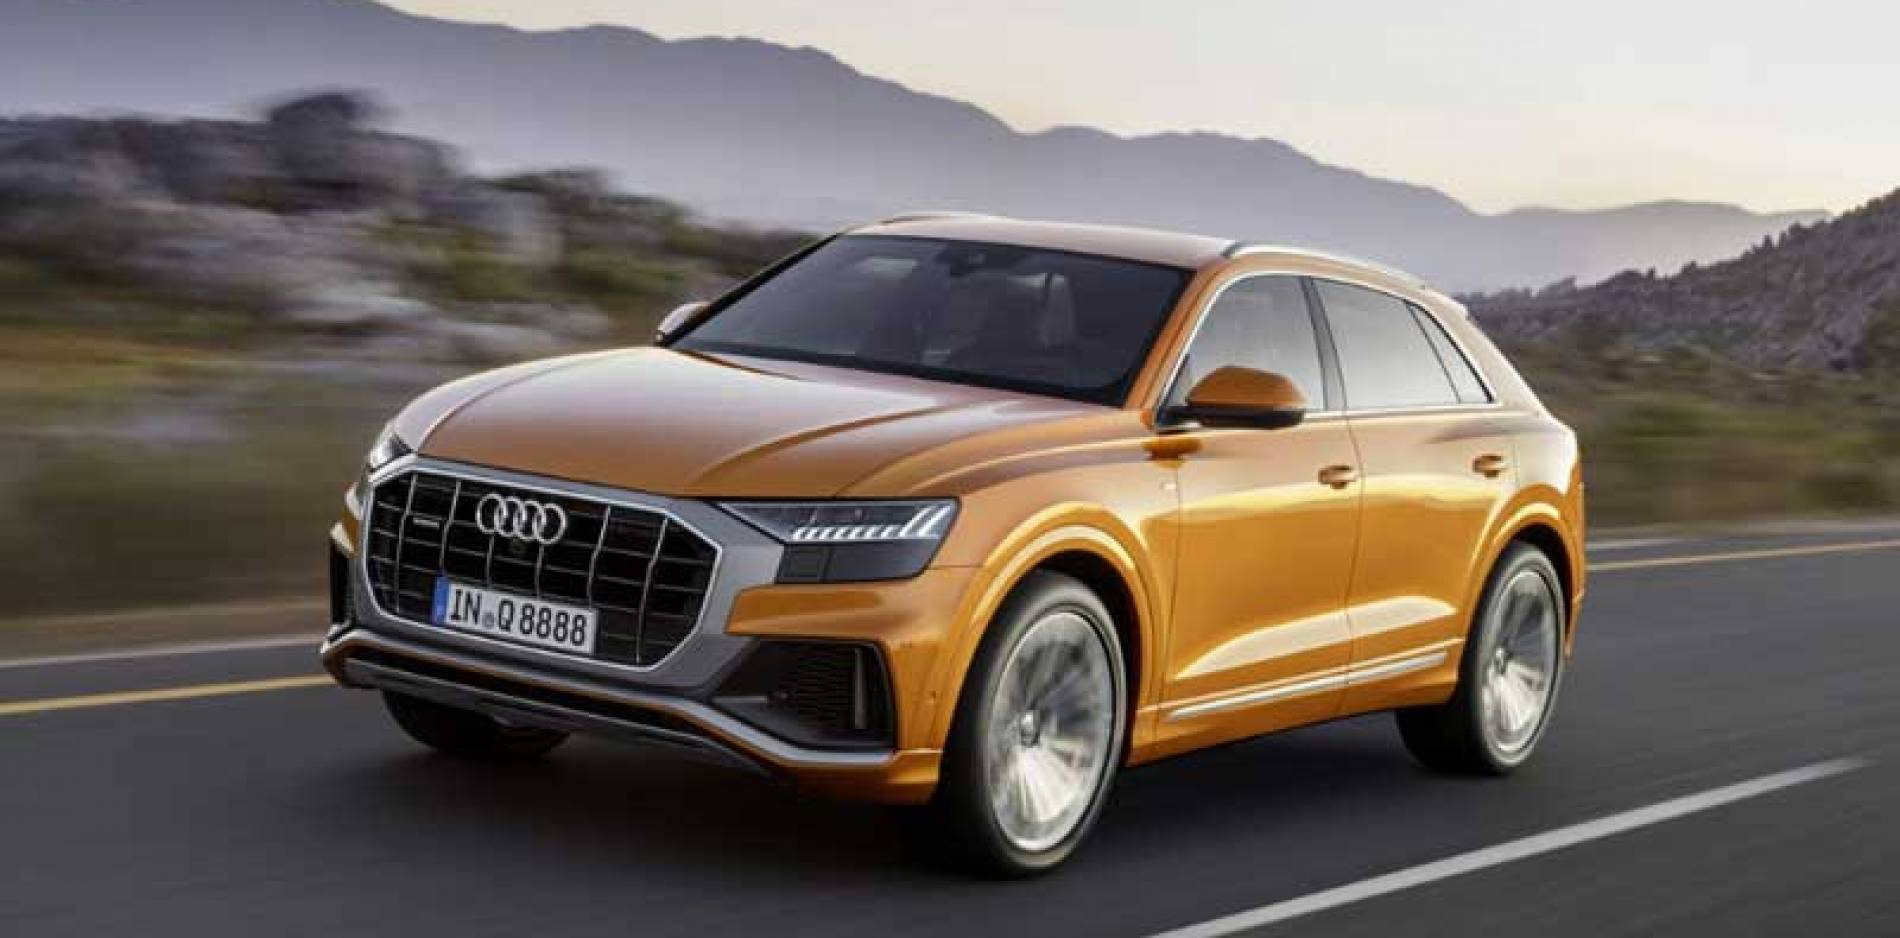 Audi Q8 2018, conocemos en exclusiva el nuevo todocamino 'de representación'